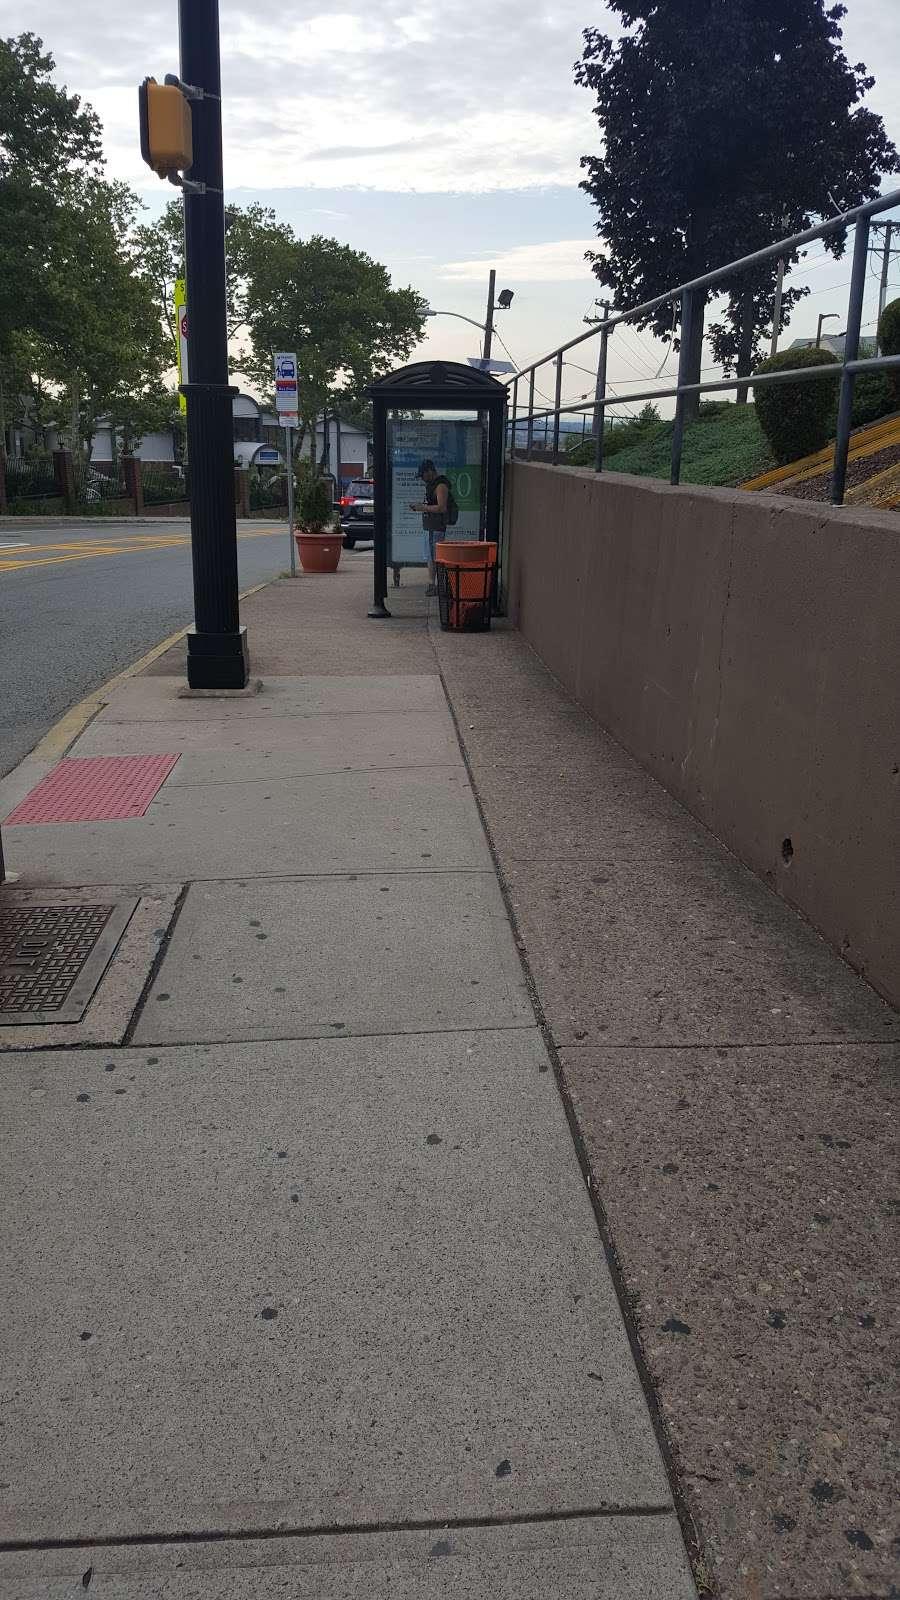 Bergen Tpk at J.F. Kennedy Blvd - bus station  | Photo 3 of 3 | Address: Union City, NJ 07087, USA